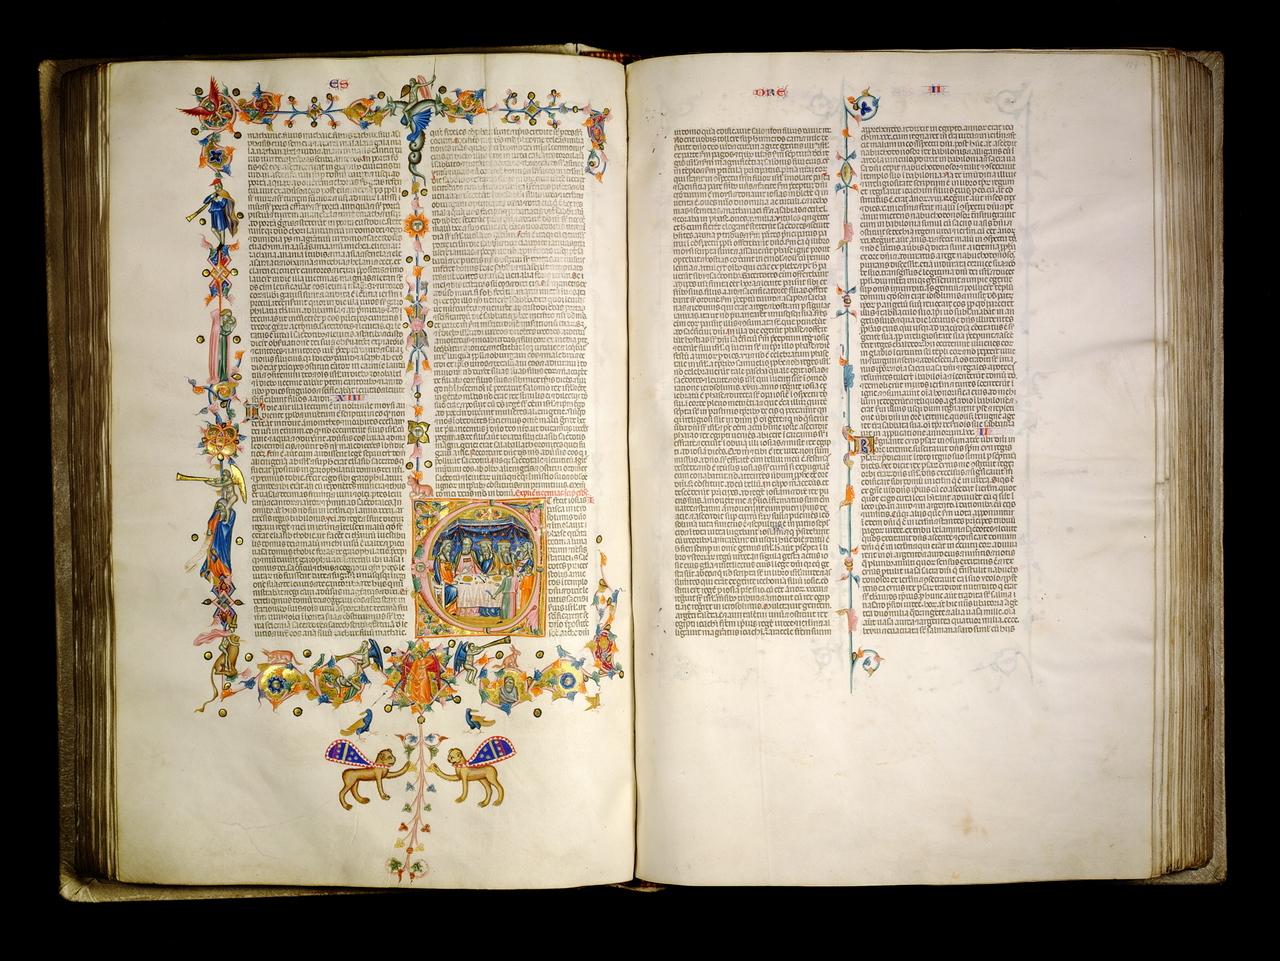 Bijbel van Anjou, handschrift op perkament, Napels (14e eeuw),Maurits Sabbebibliotheek, FTRW, KU Leuven, CollectieGrootseminarie Mechelen, Leuven, cod. 1